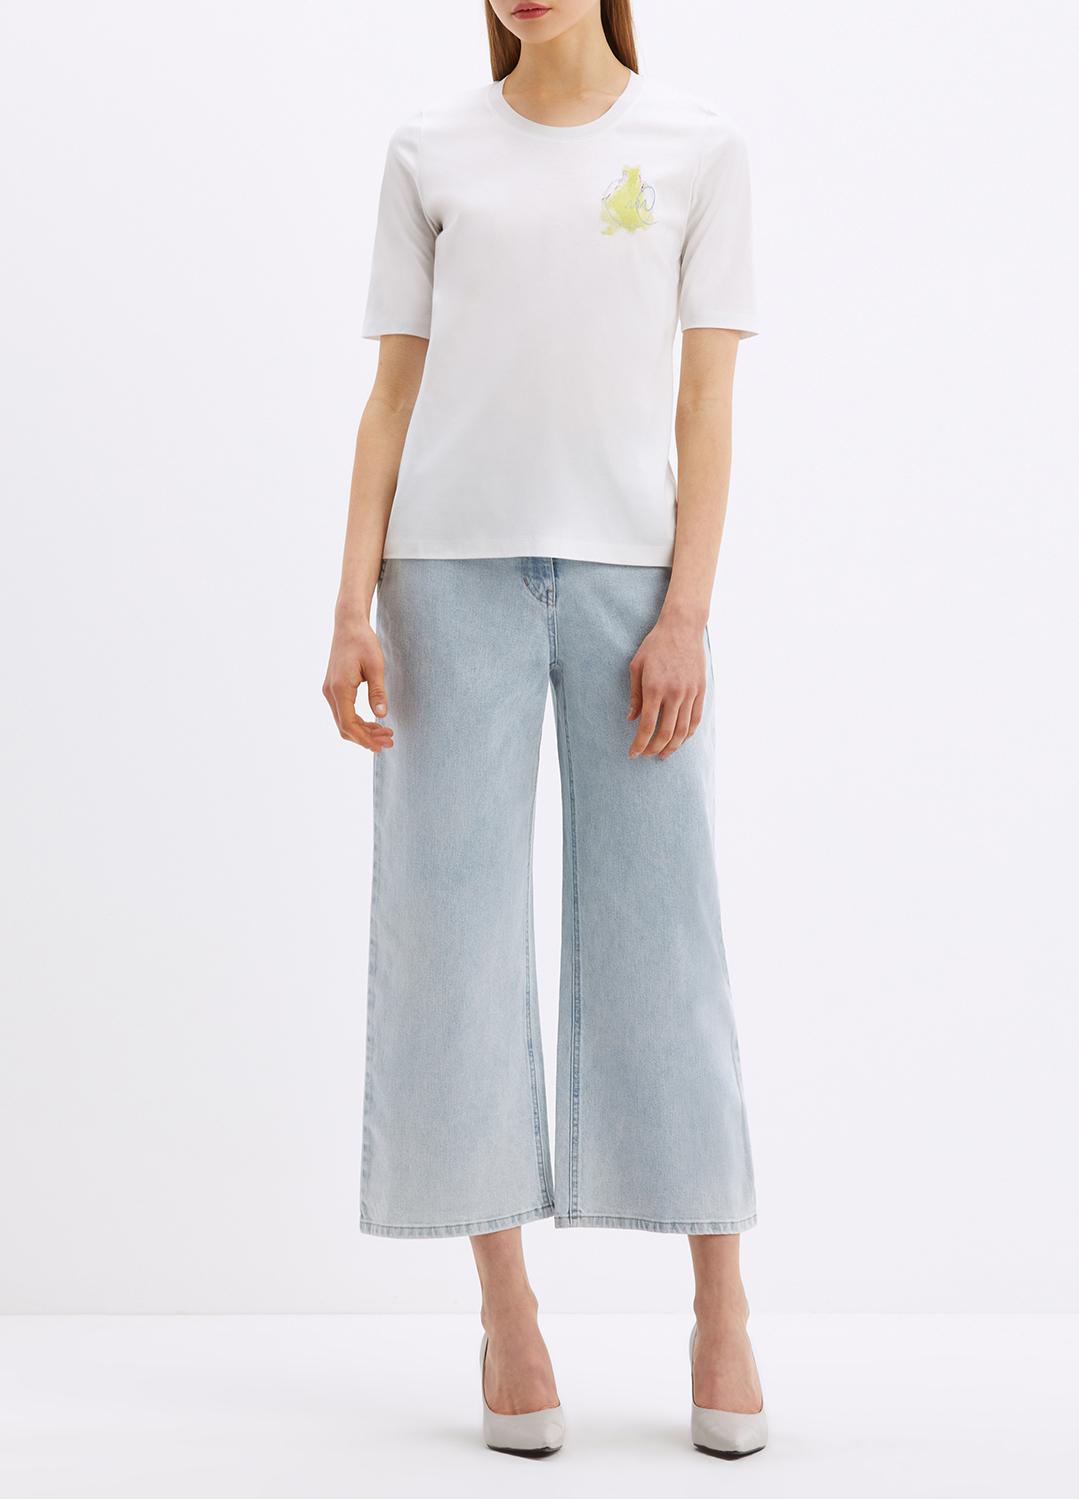 코튼 사이드 프린트 패턴 티셔츠